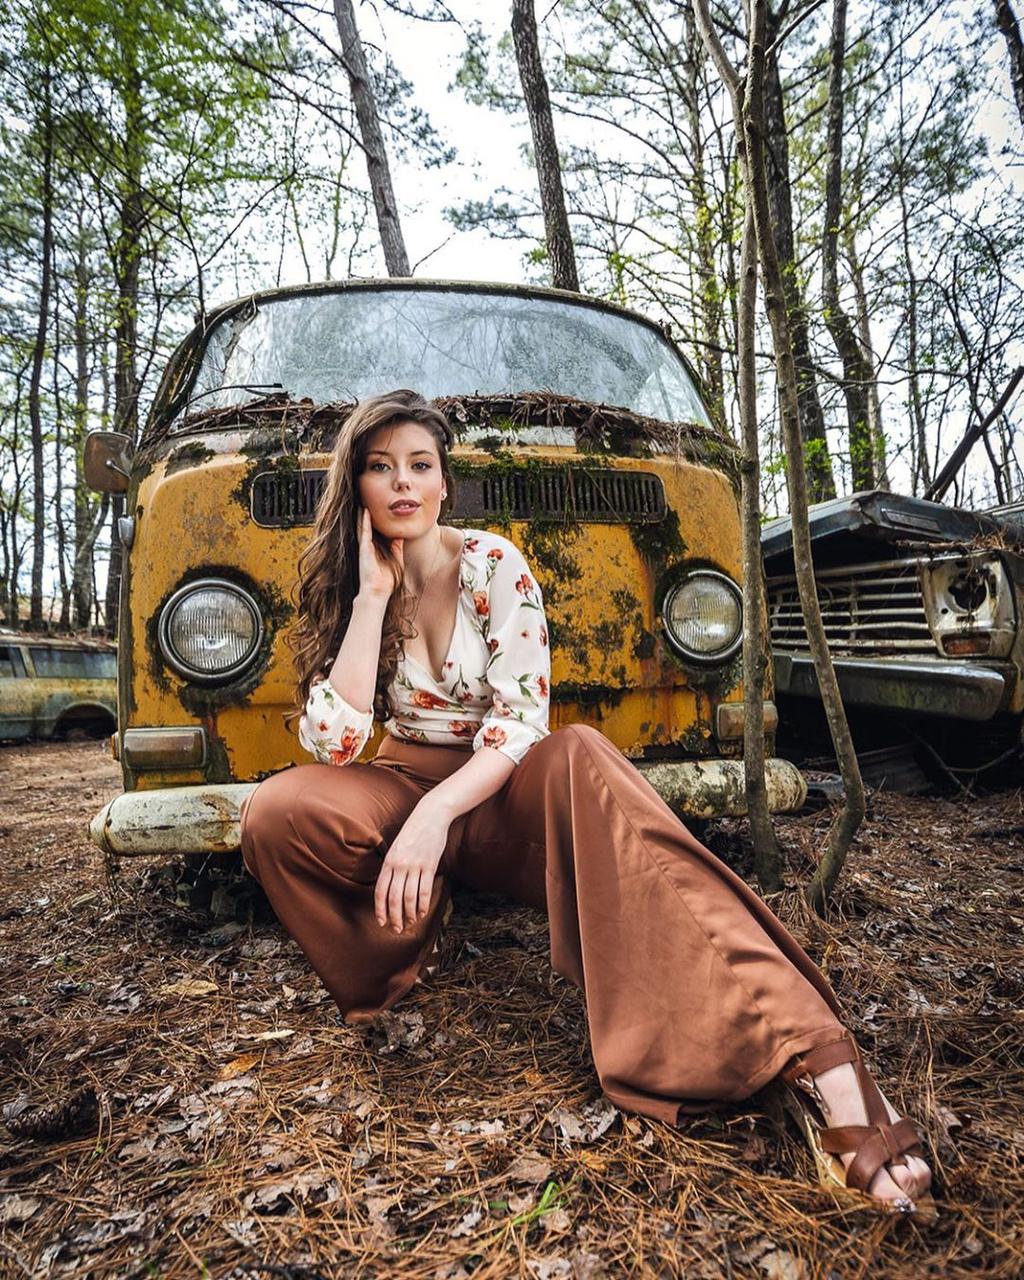 Những nghĩa địa xe hơi ẩn mình trong rừng rậm hút khách